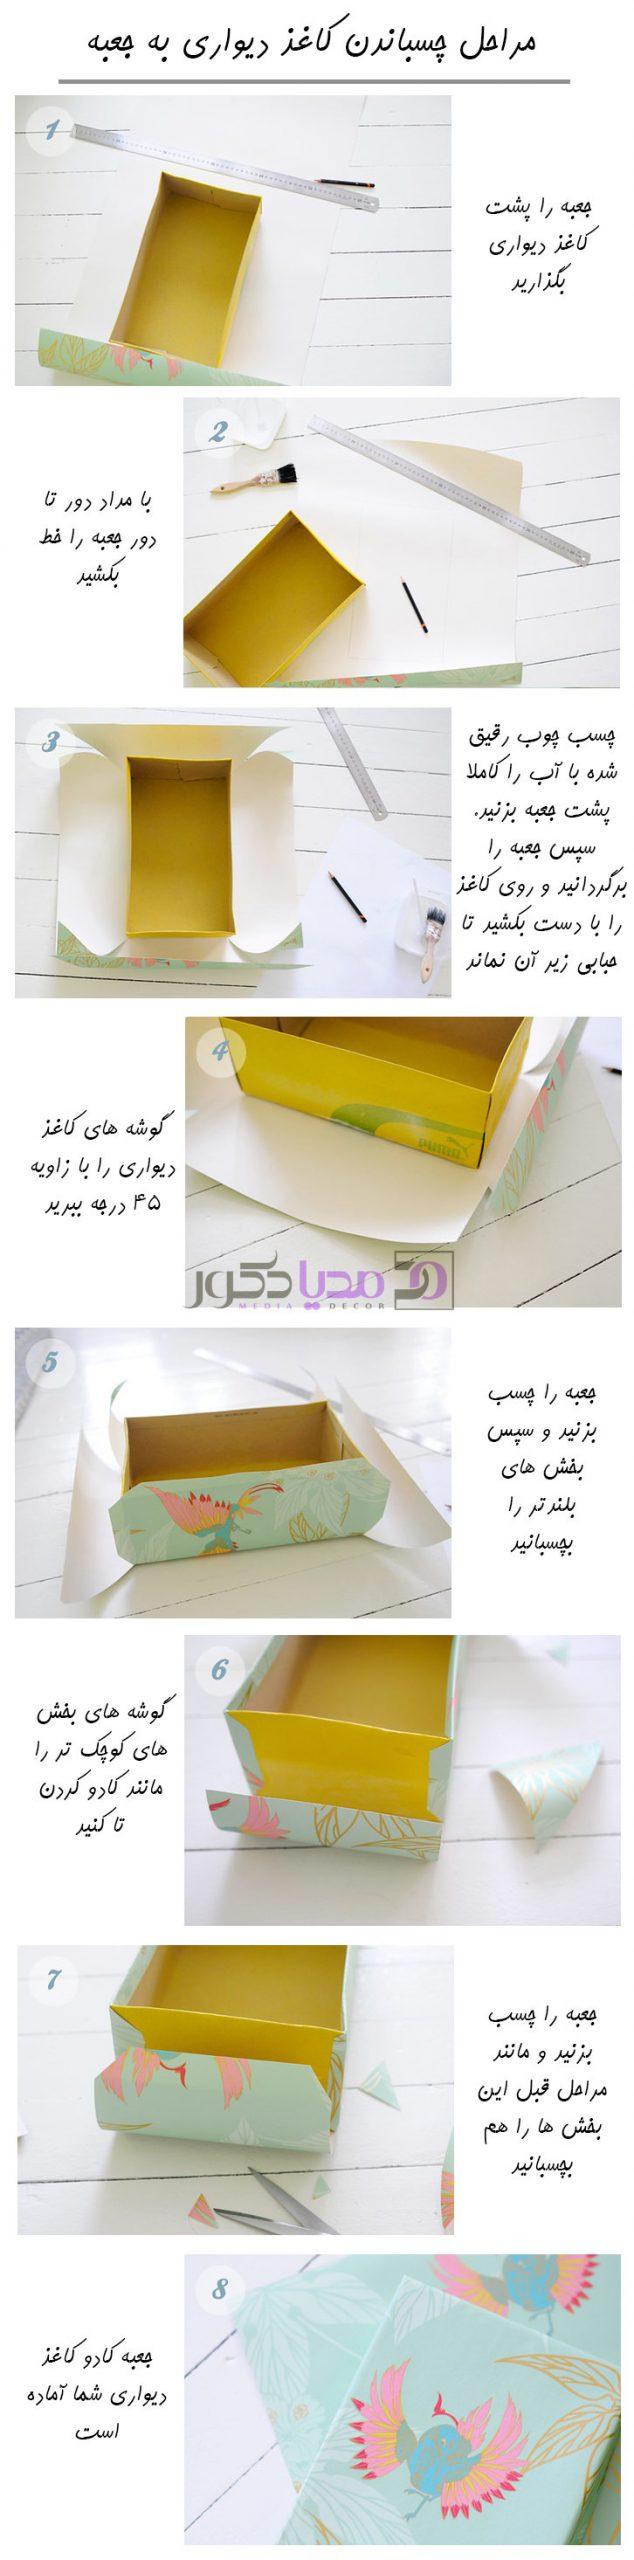 مراحل کاغذ دیواری کردن جعبه کادو